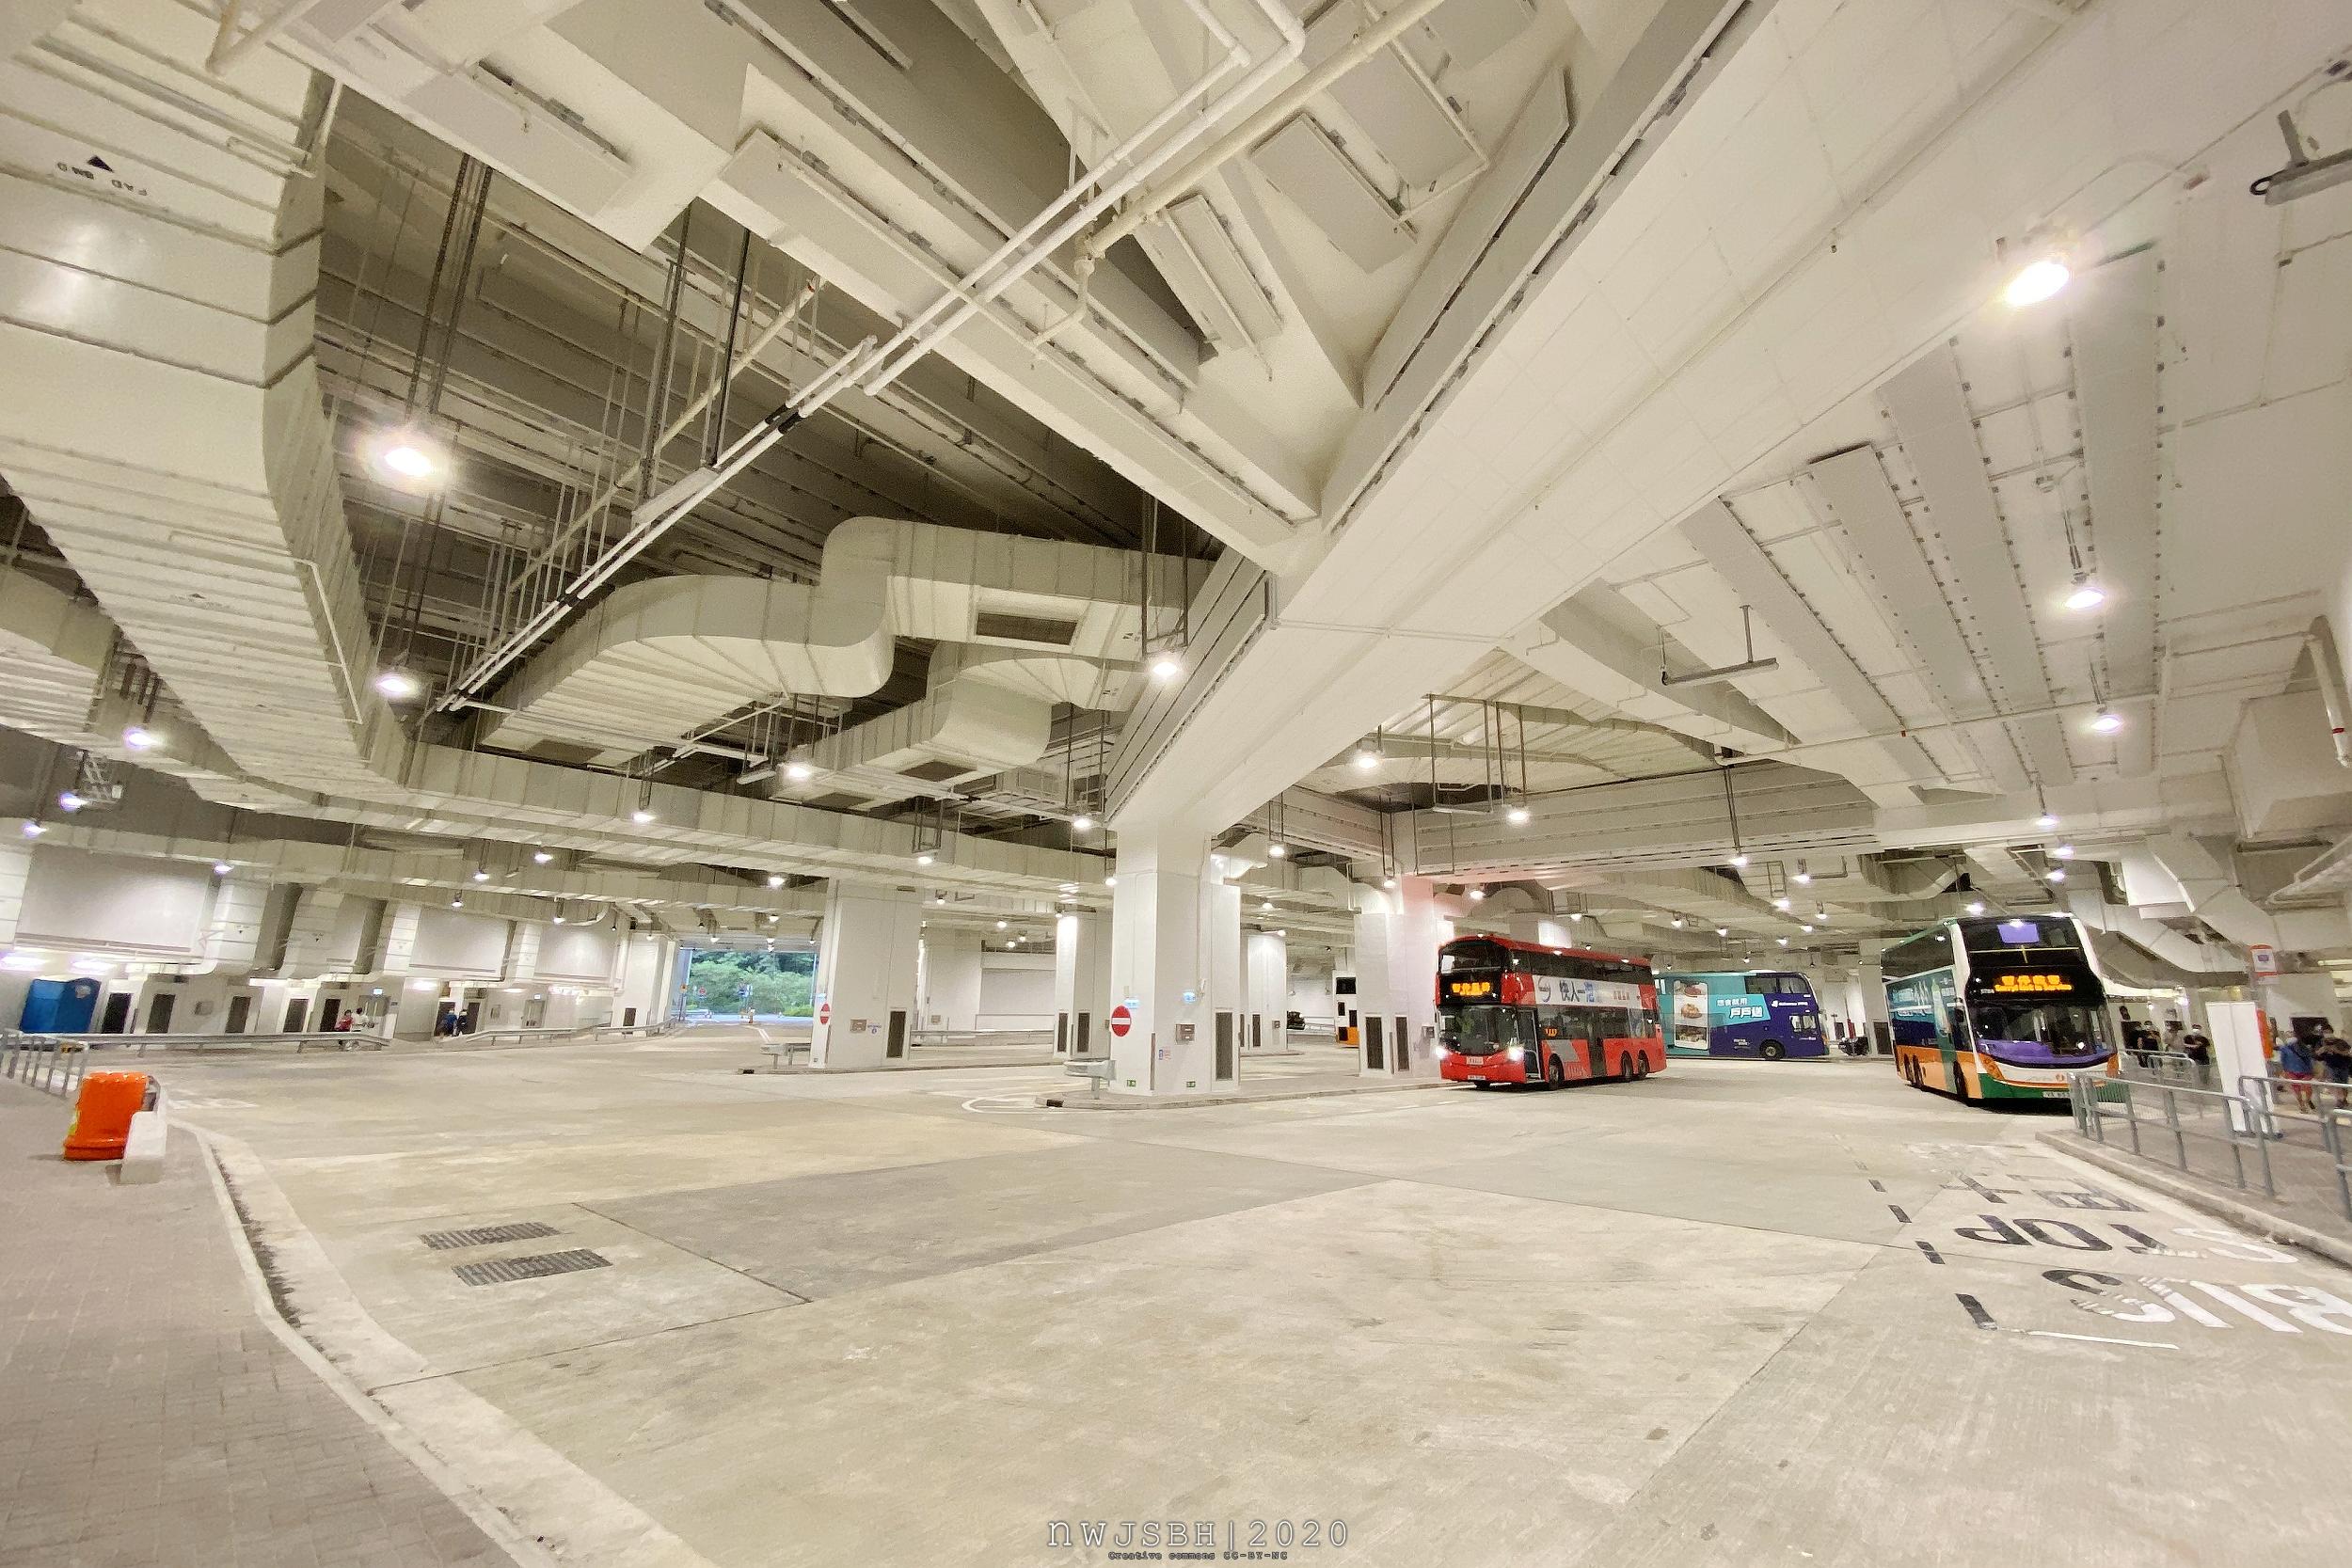 康城站公共運輸交匯處